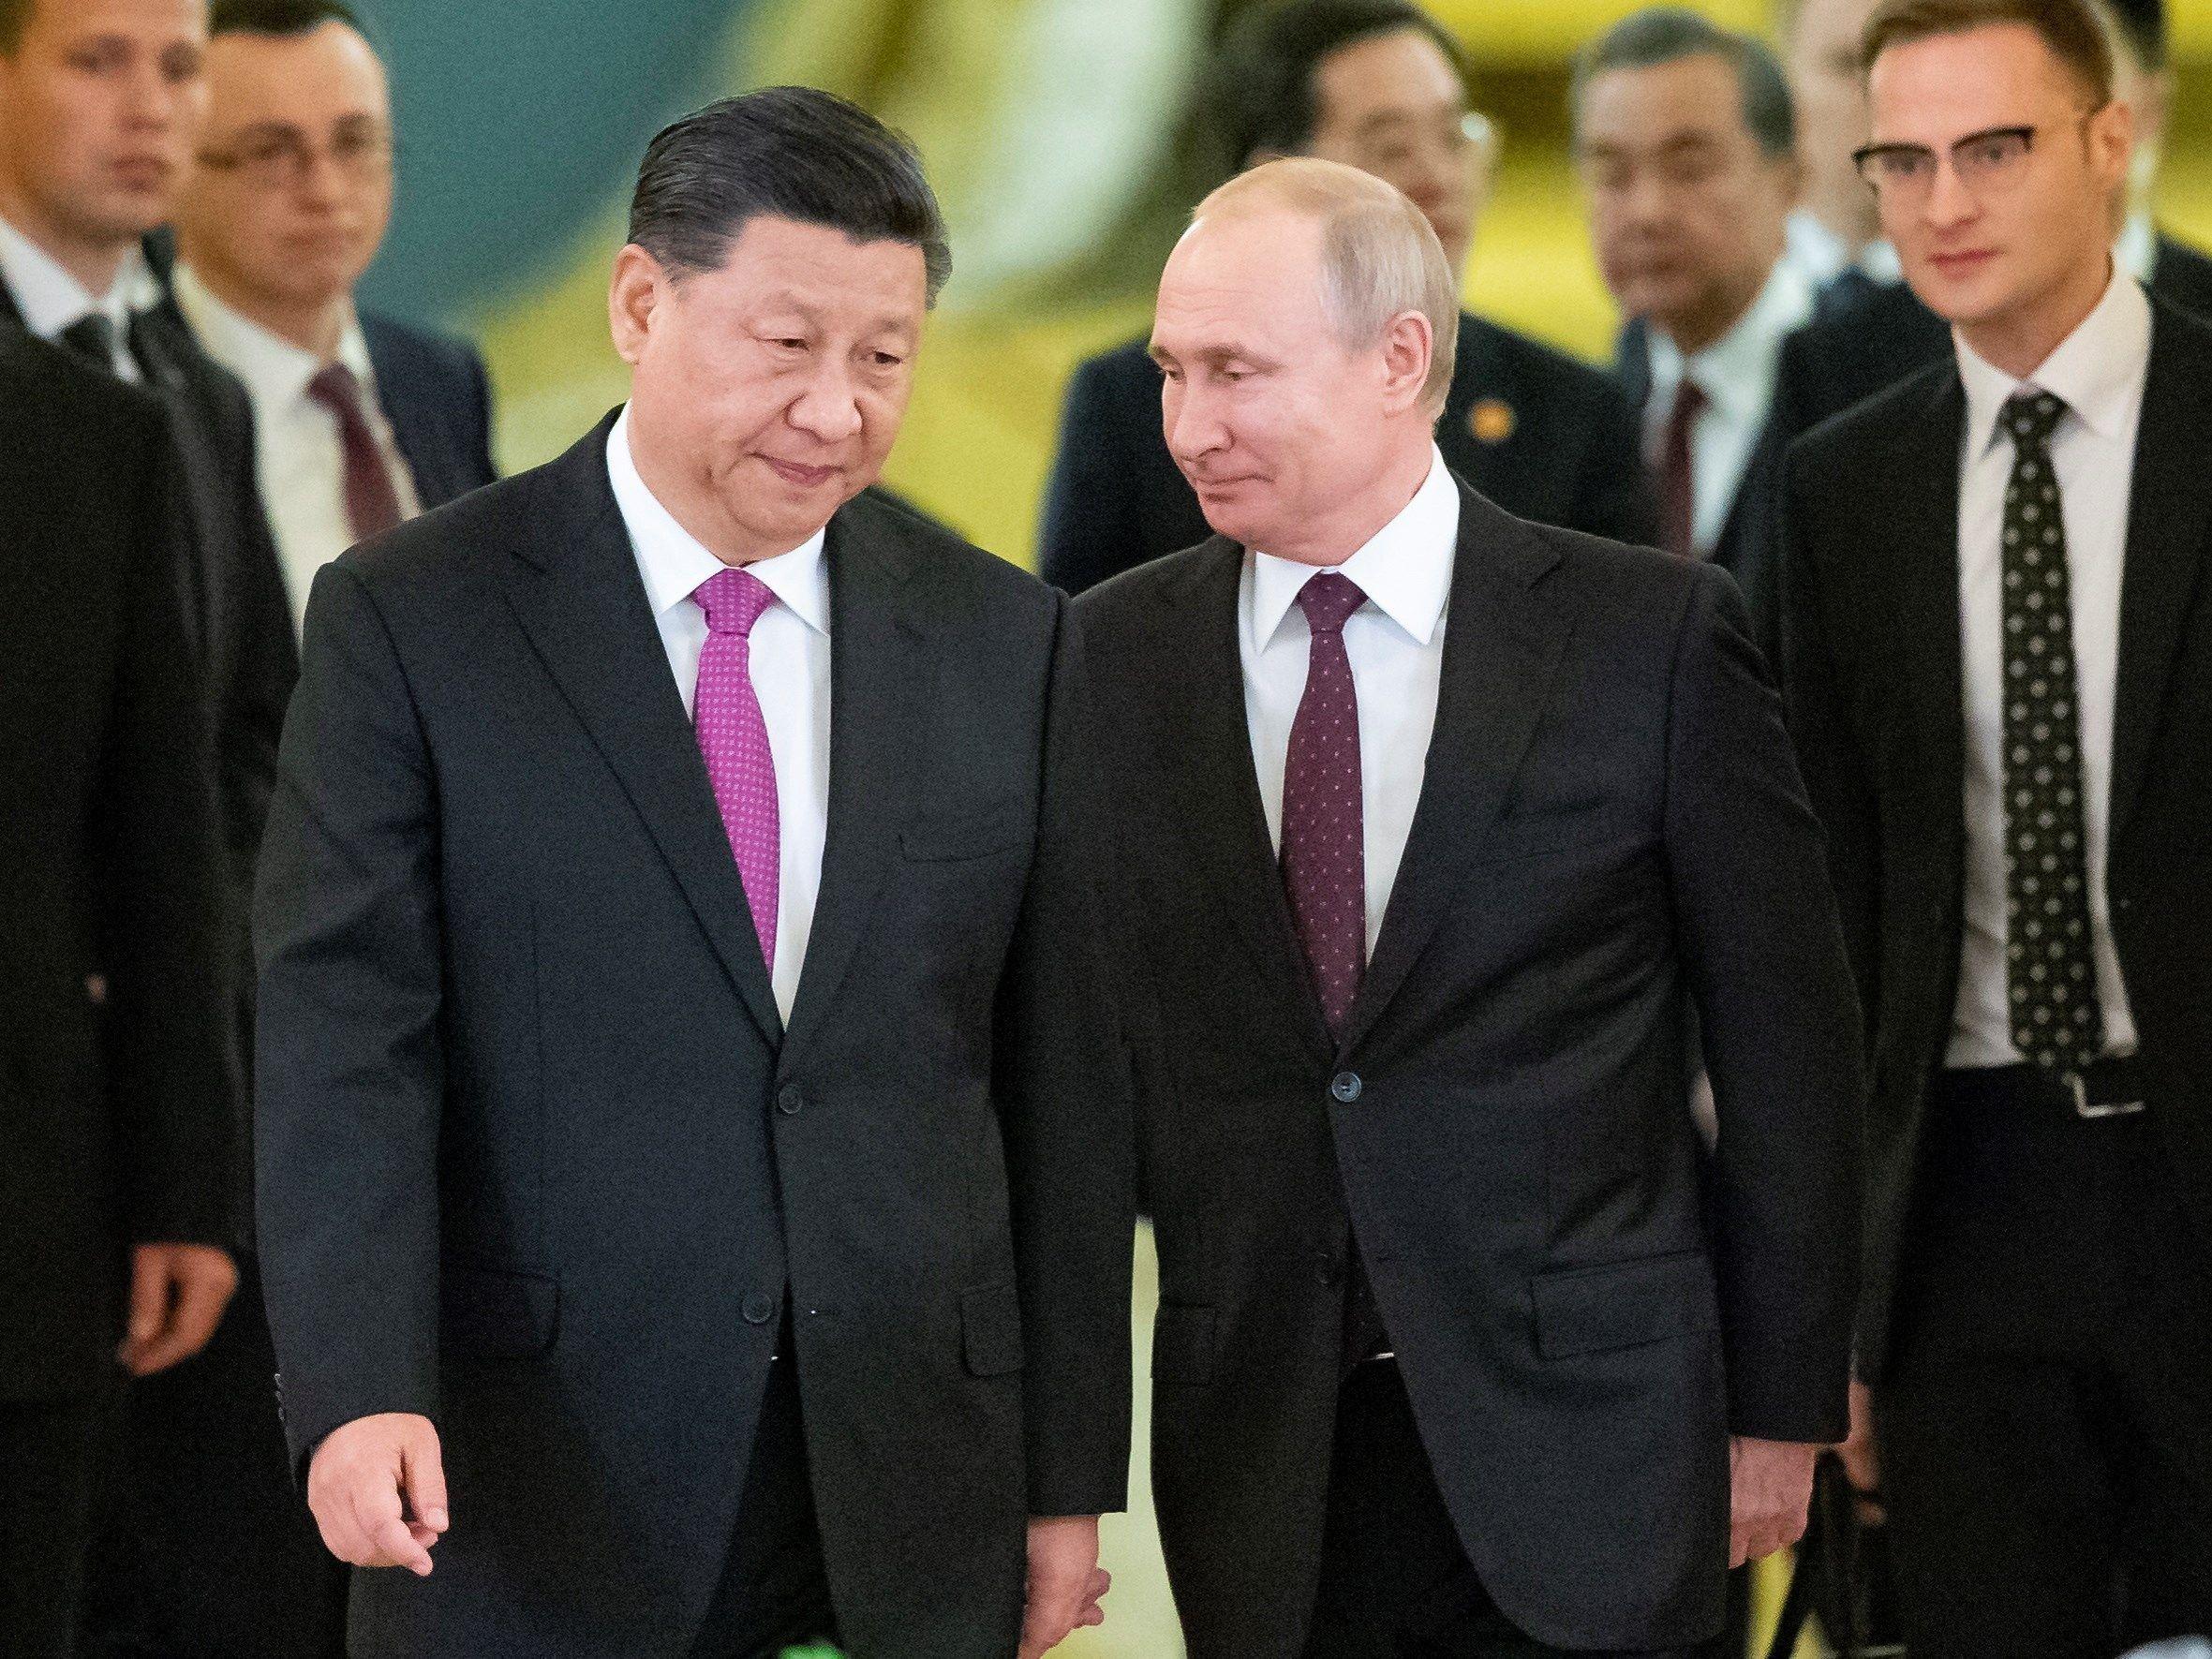 El presidente ruso, Vladimir Putin, y su homólogo chino, Xi Jinping, llegan a su reunión en el Kremlin. (Foto: EFE)